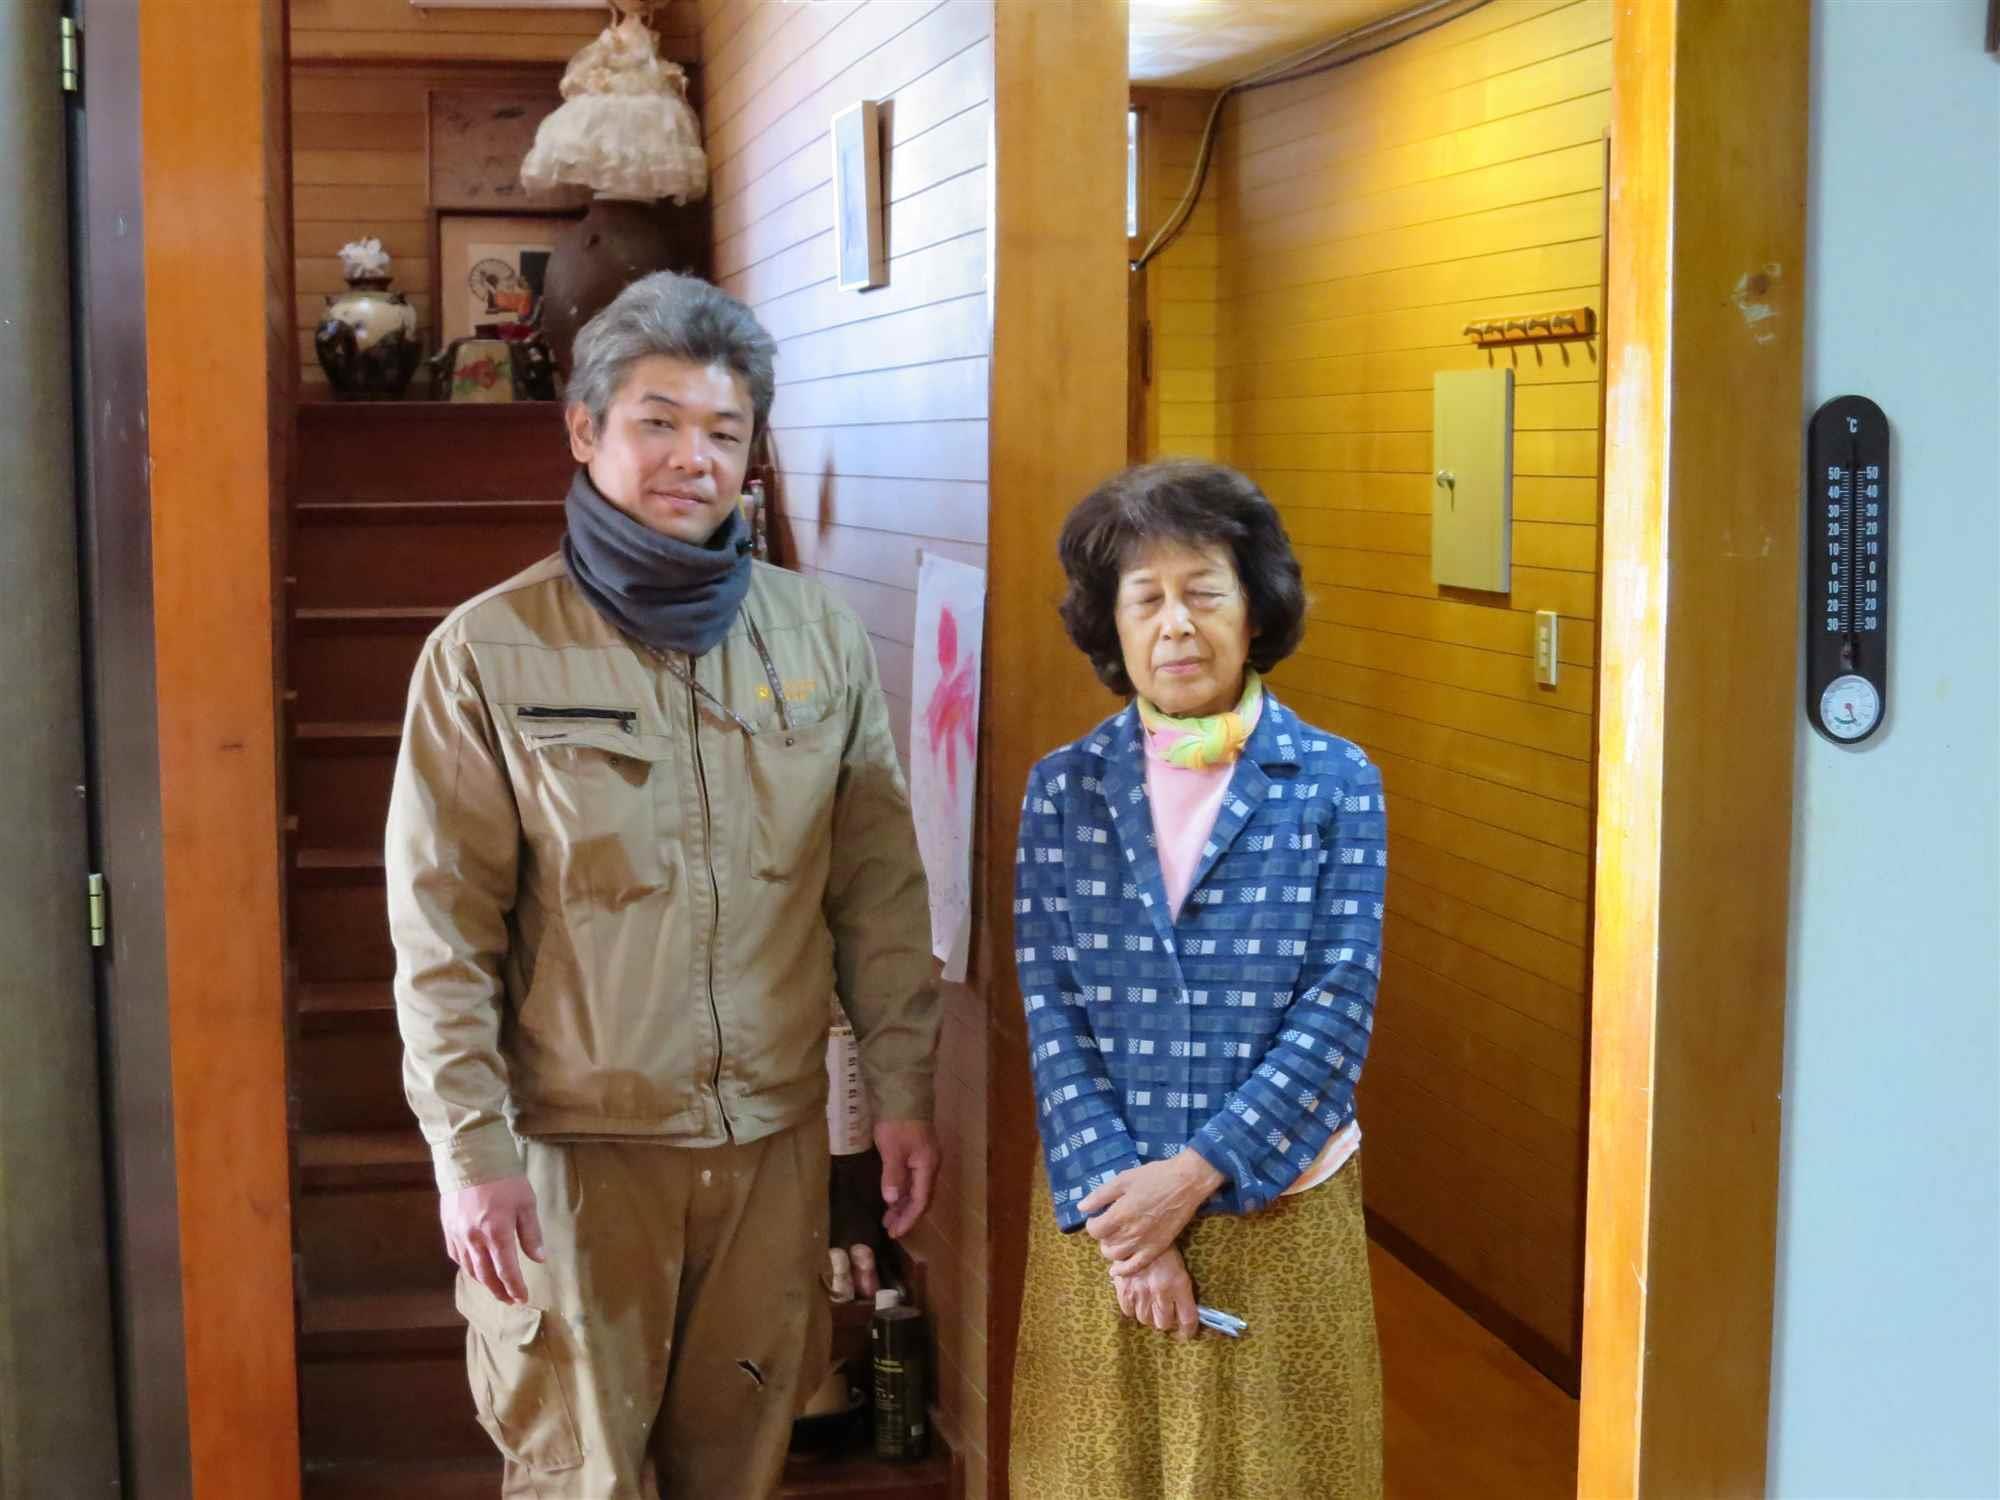 沖縄・那覇のリフォーム 実際のお客様の写真:息子に紹介してもらい